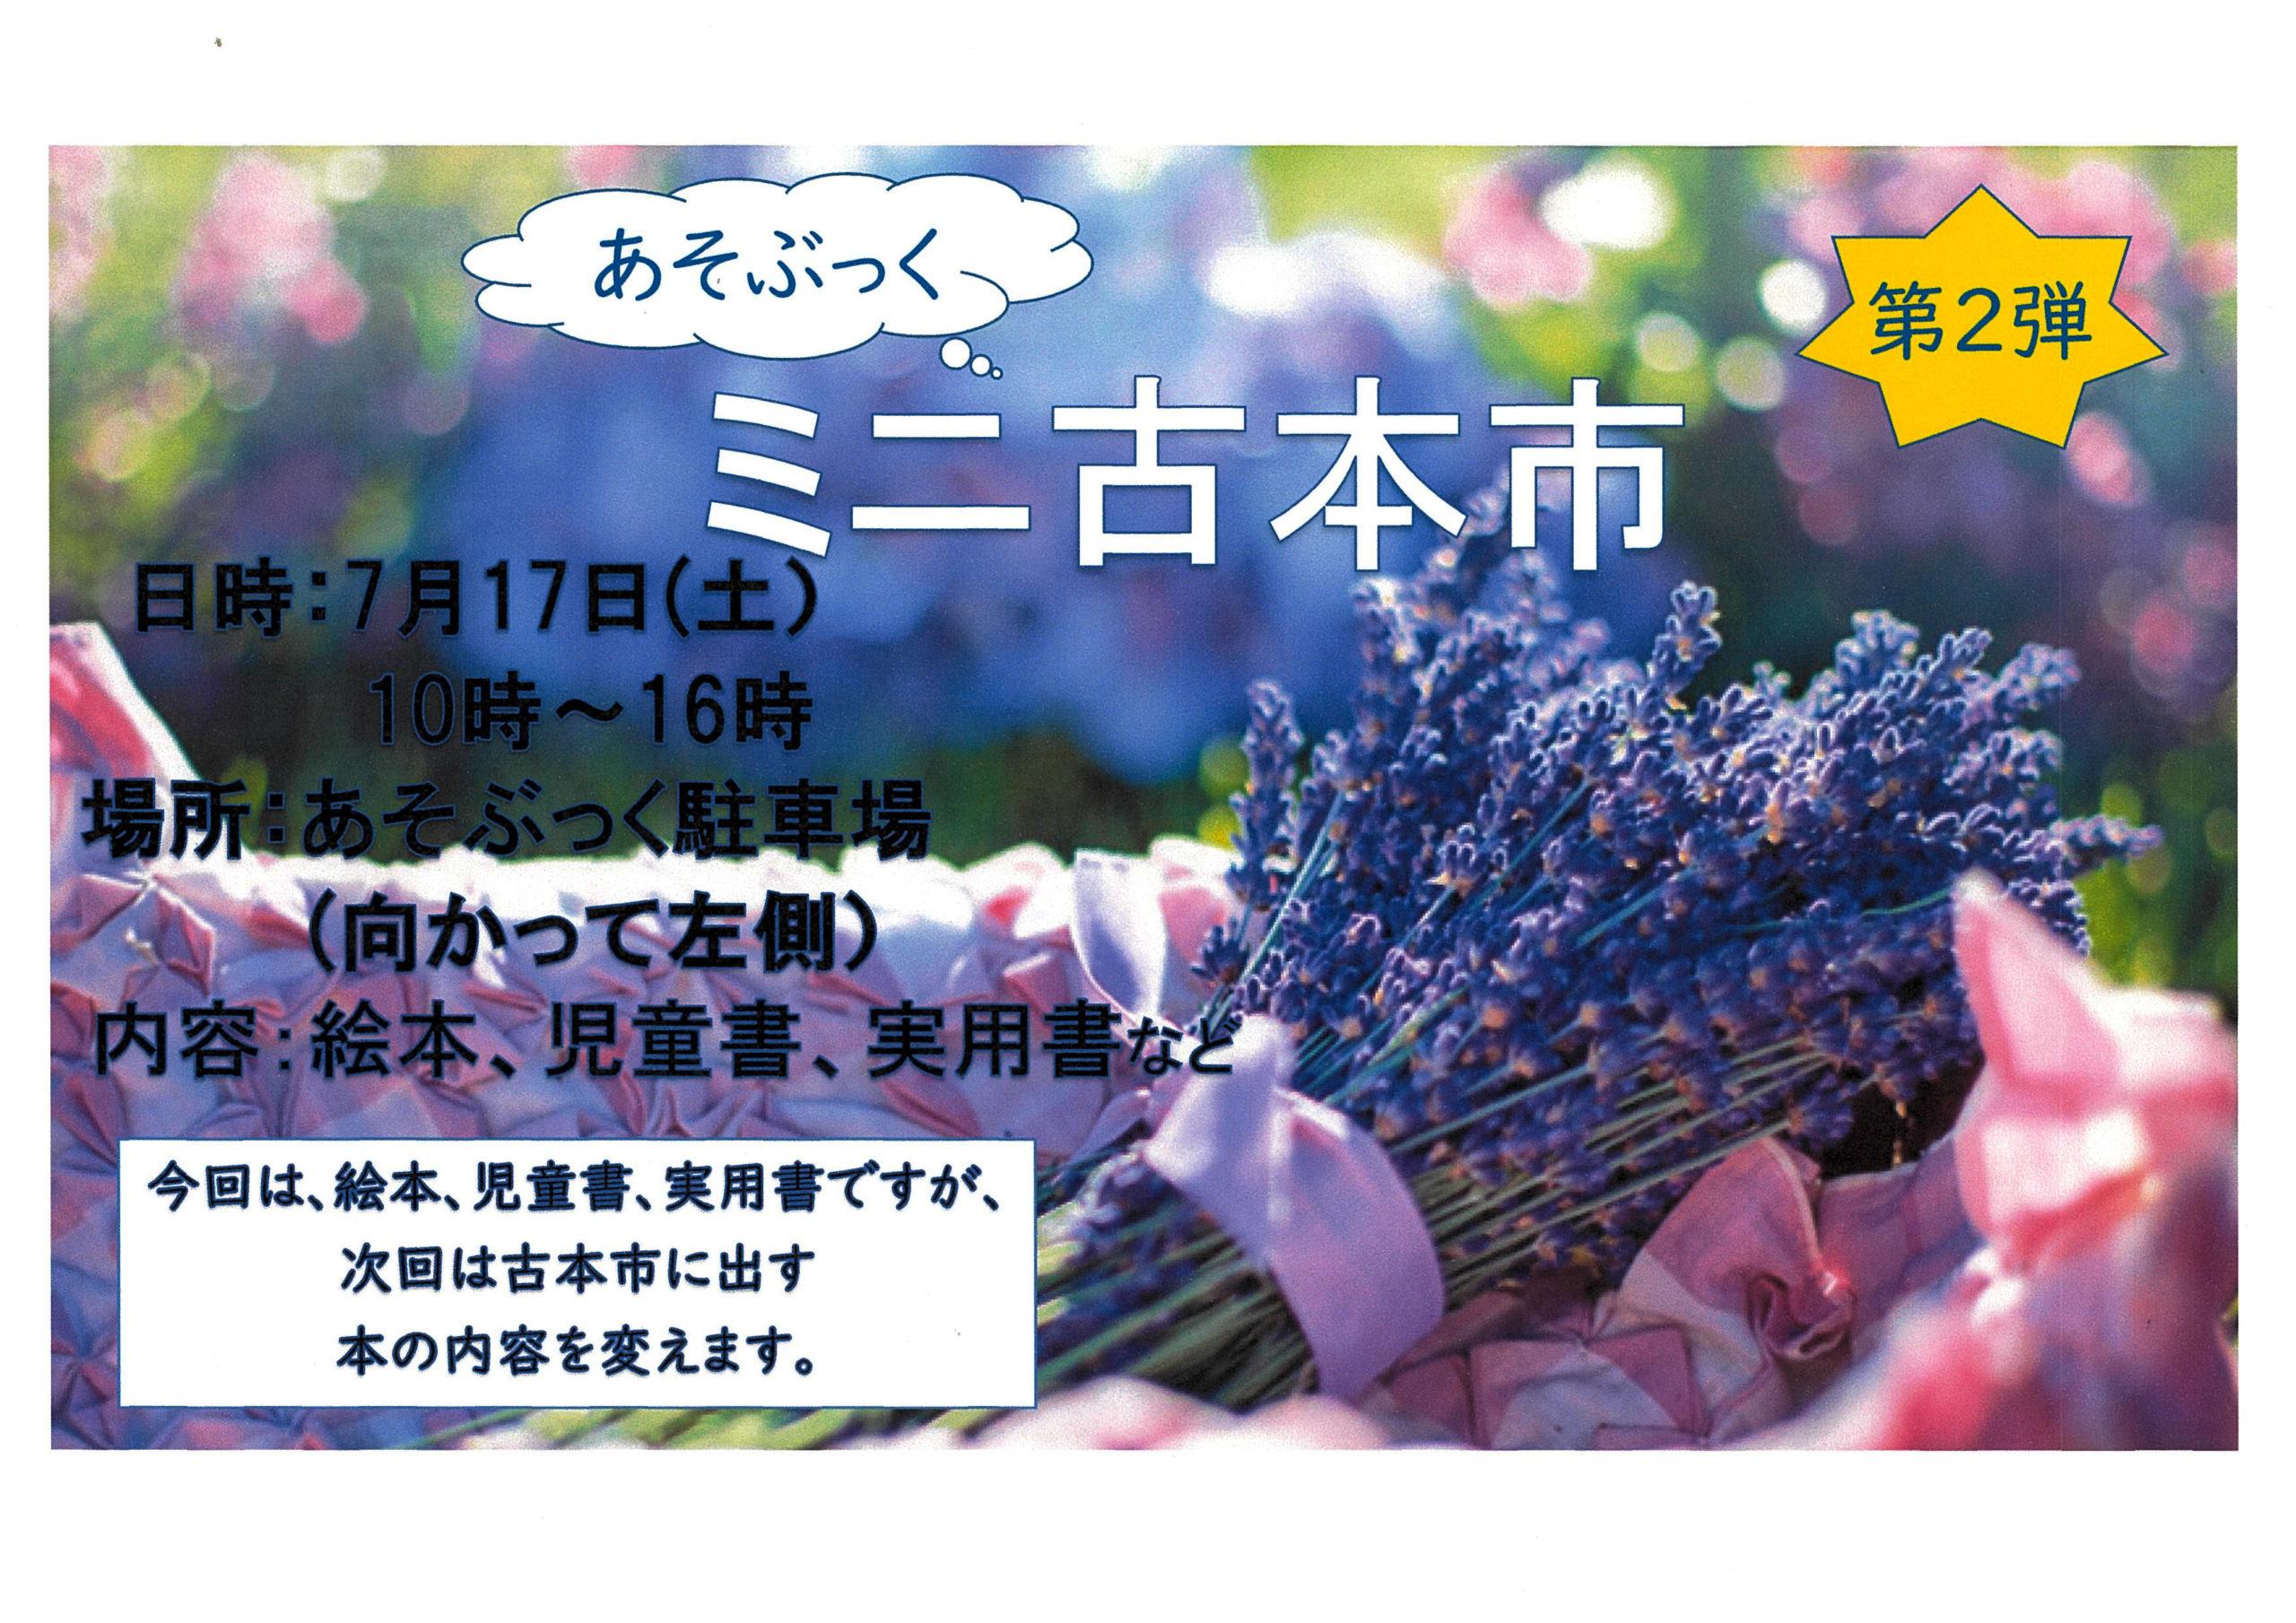 ミニ古本市のお知らせ